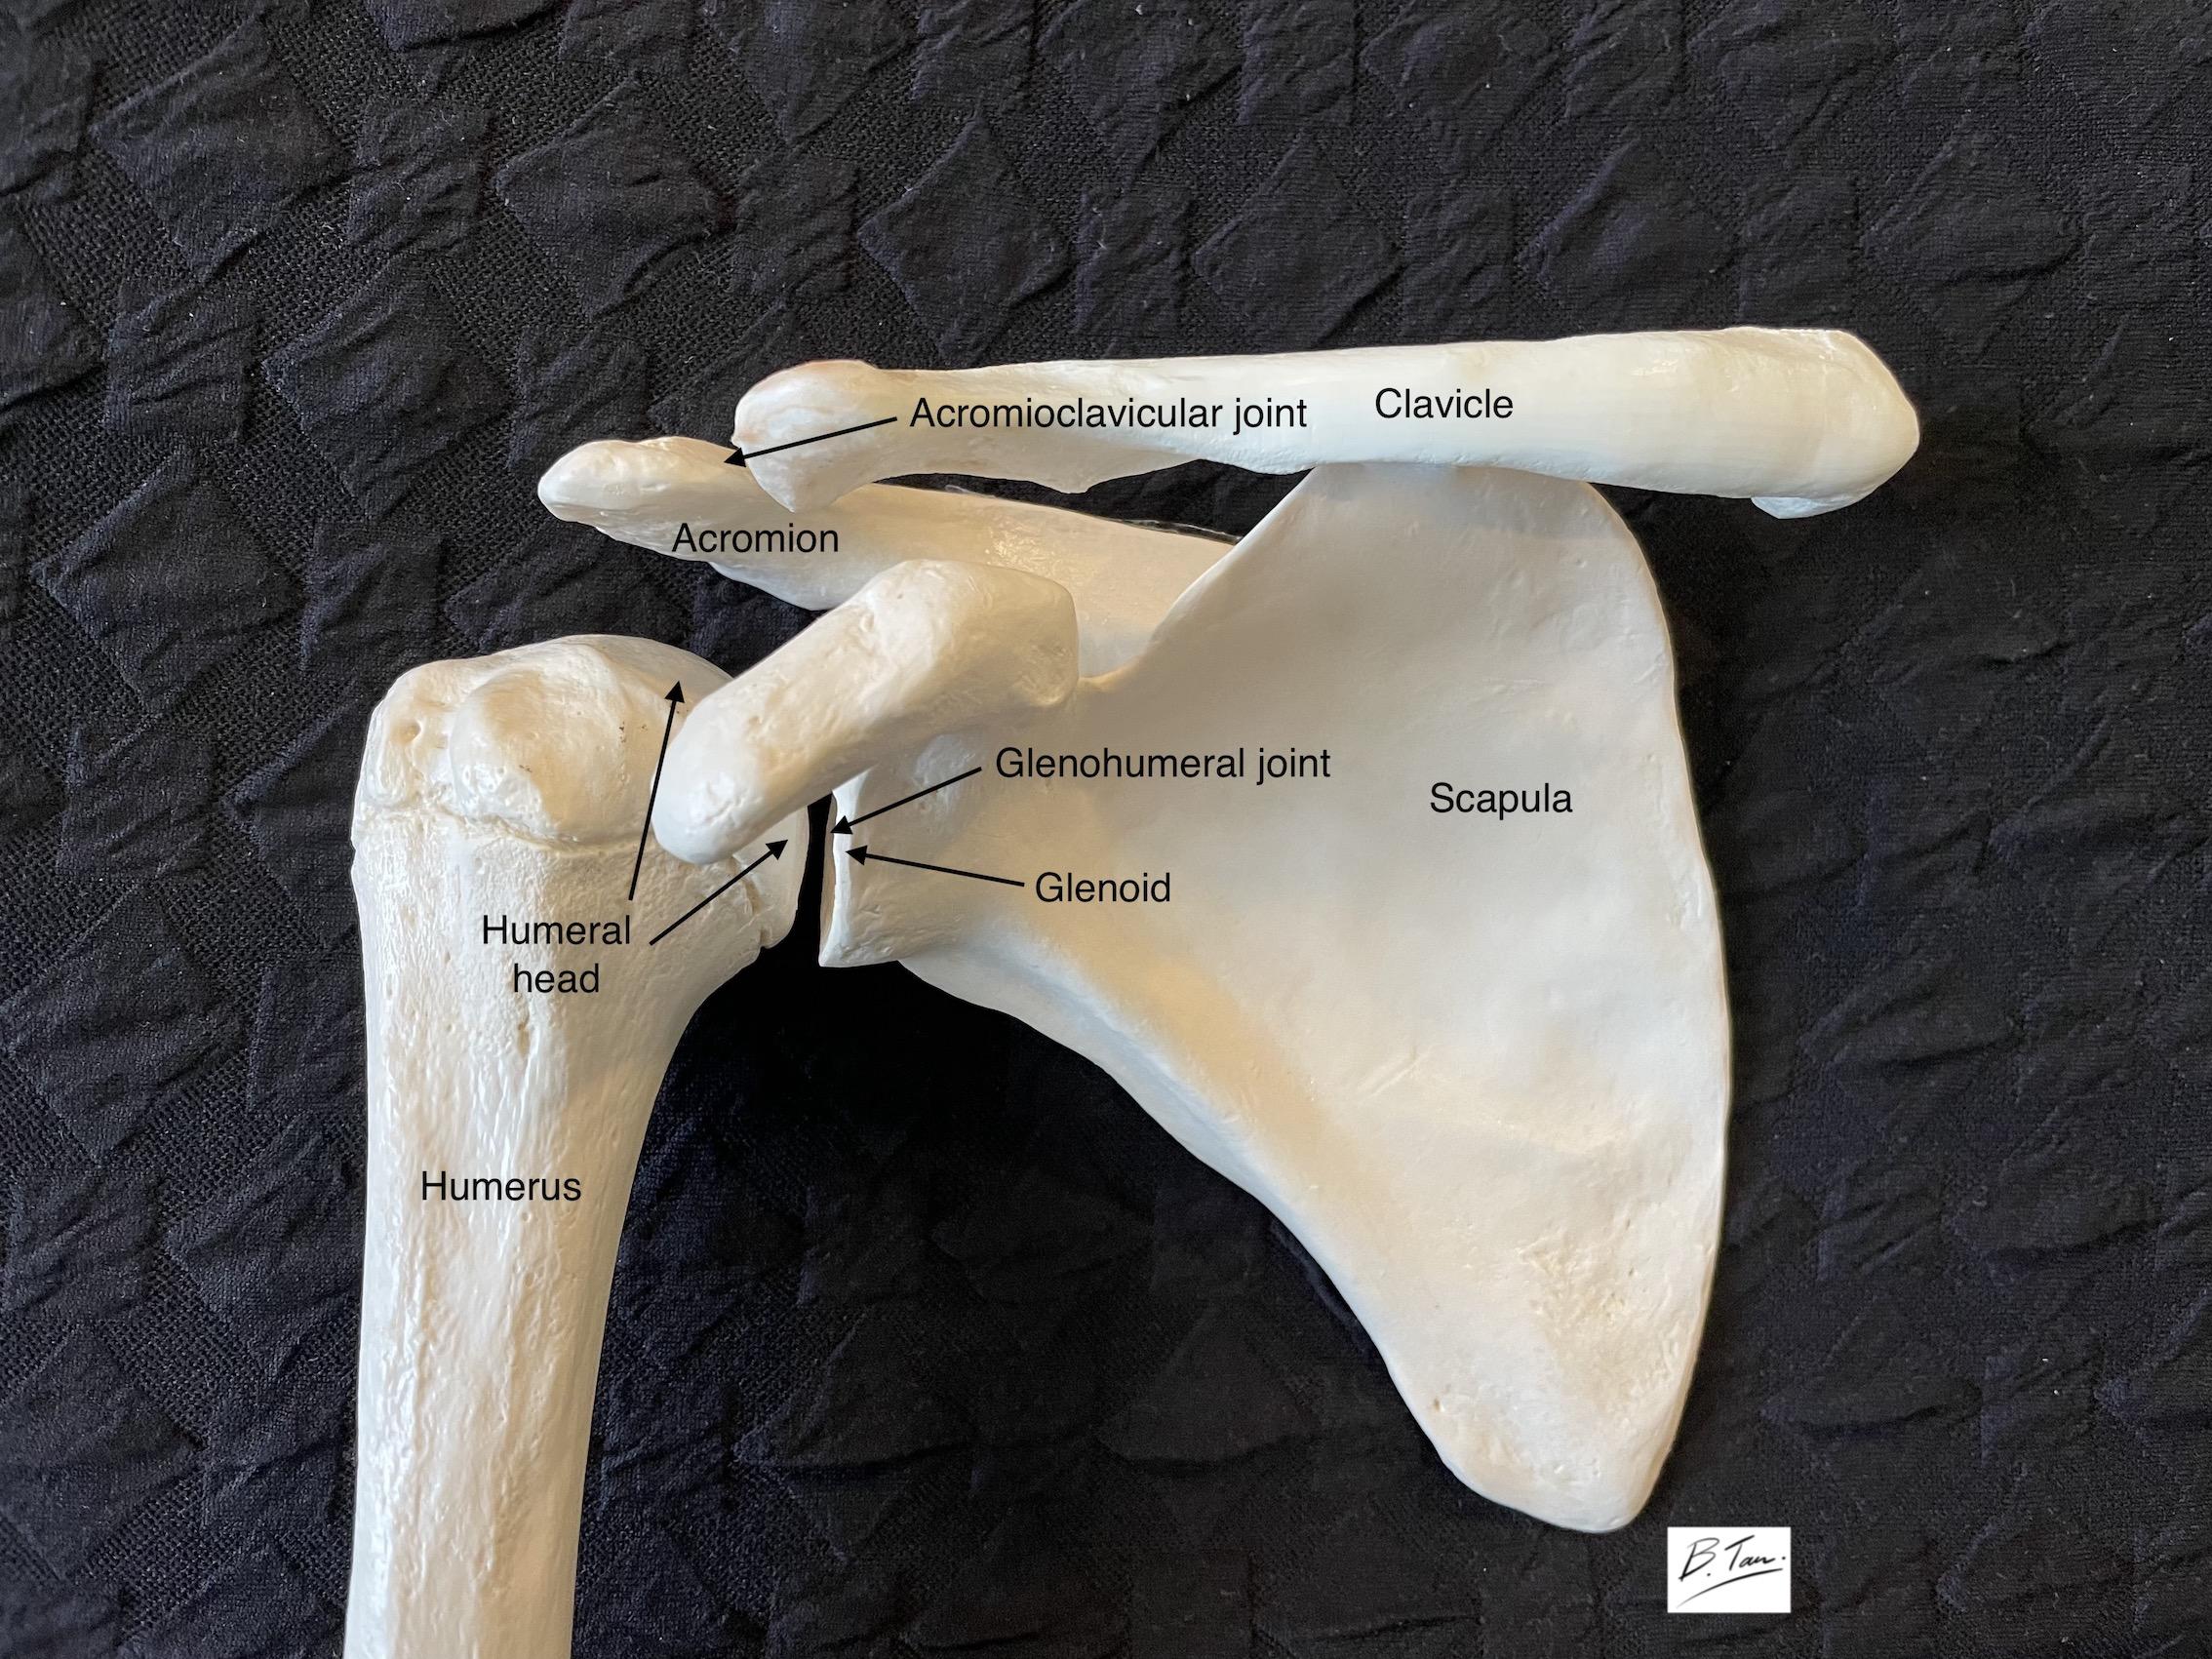 Bony anatomy of the shoulder